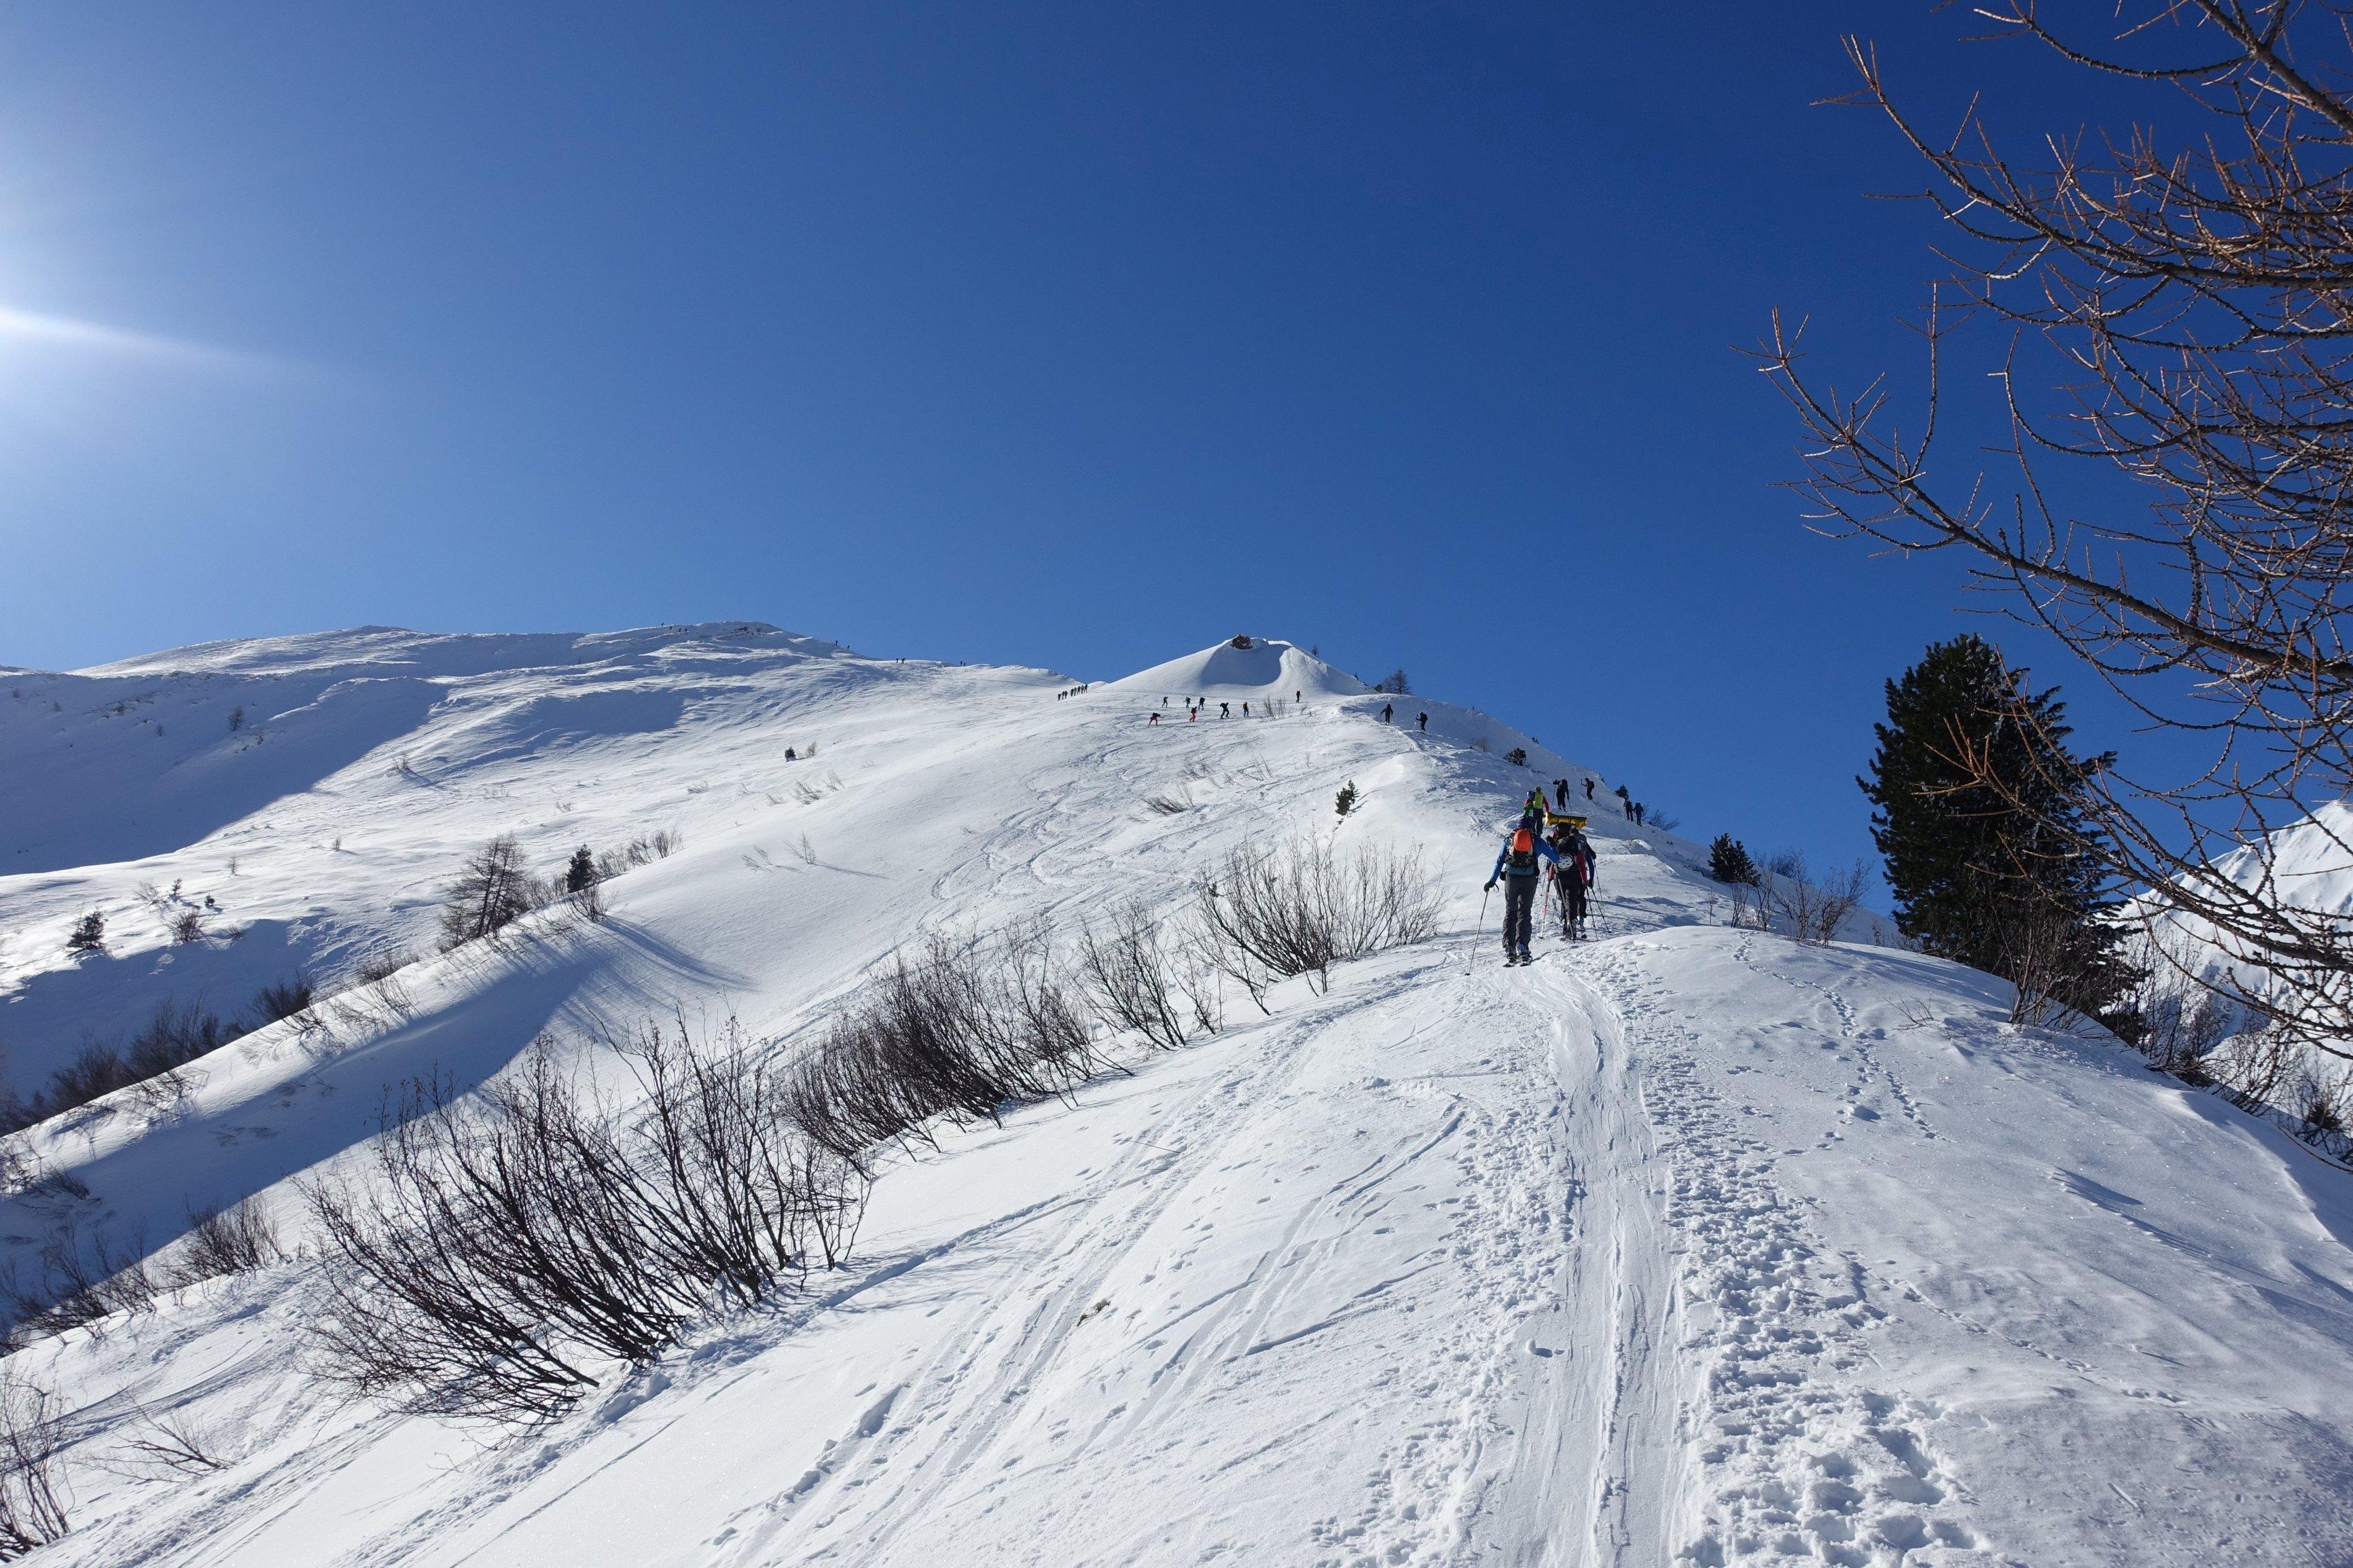 Wochenende! Alle gehen aufn Berg... (Foto: Lukas)